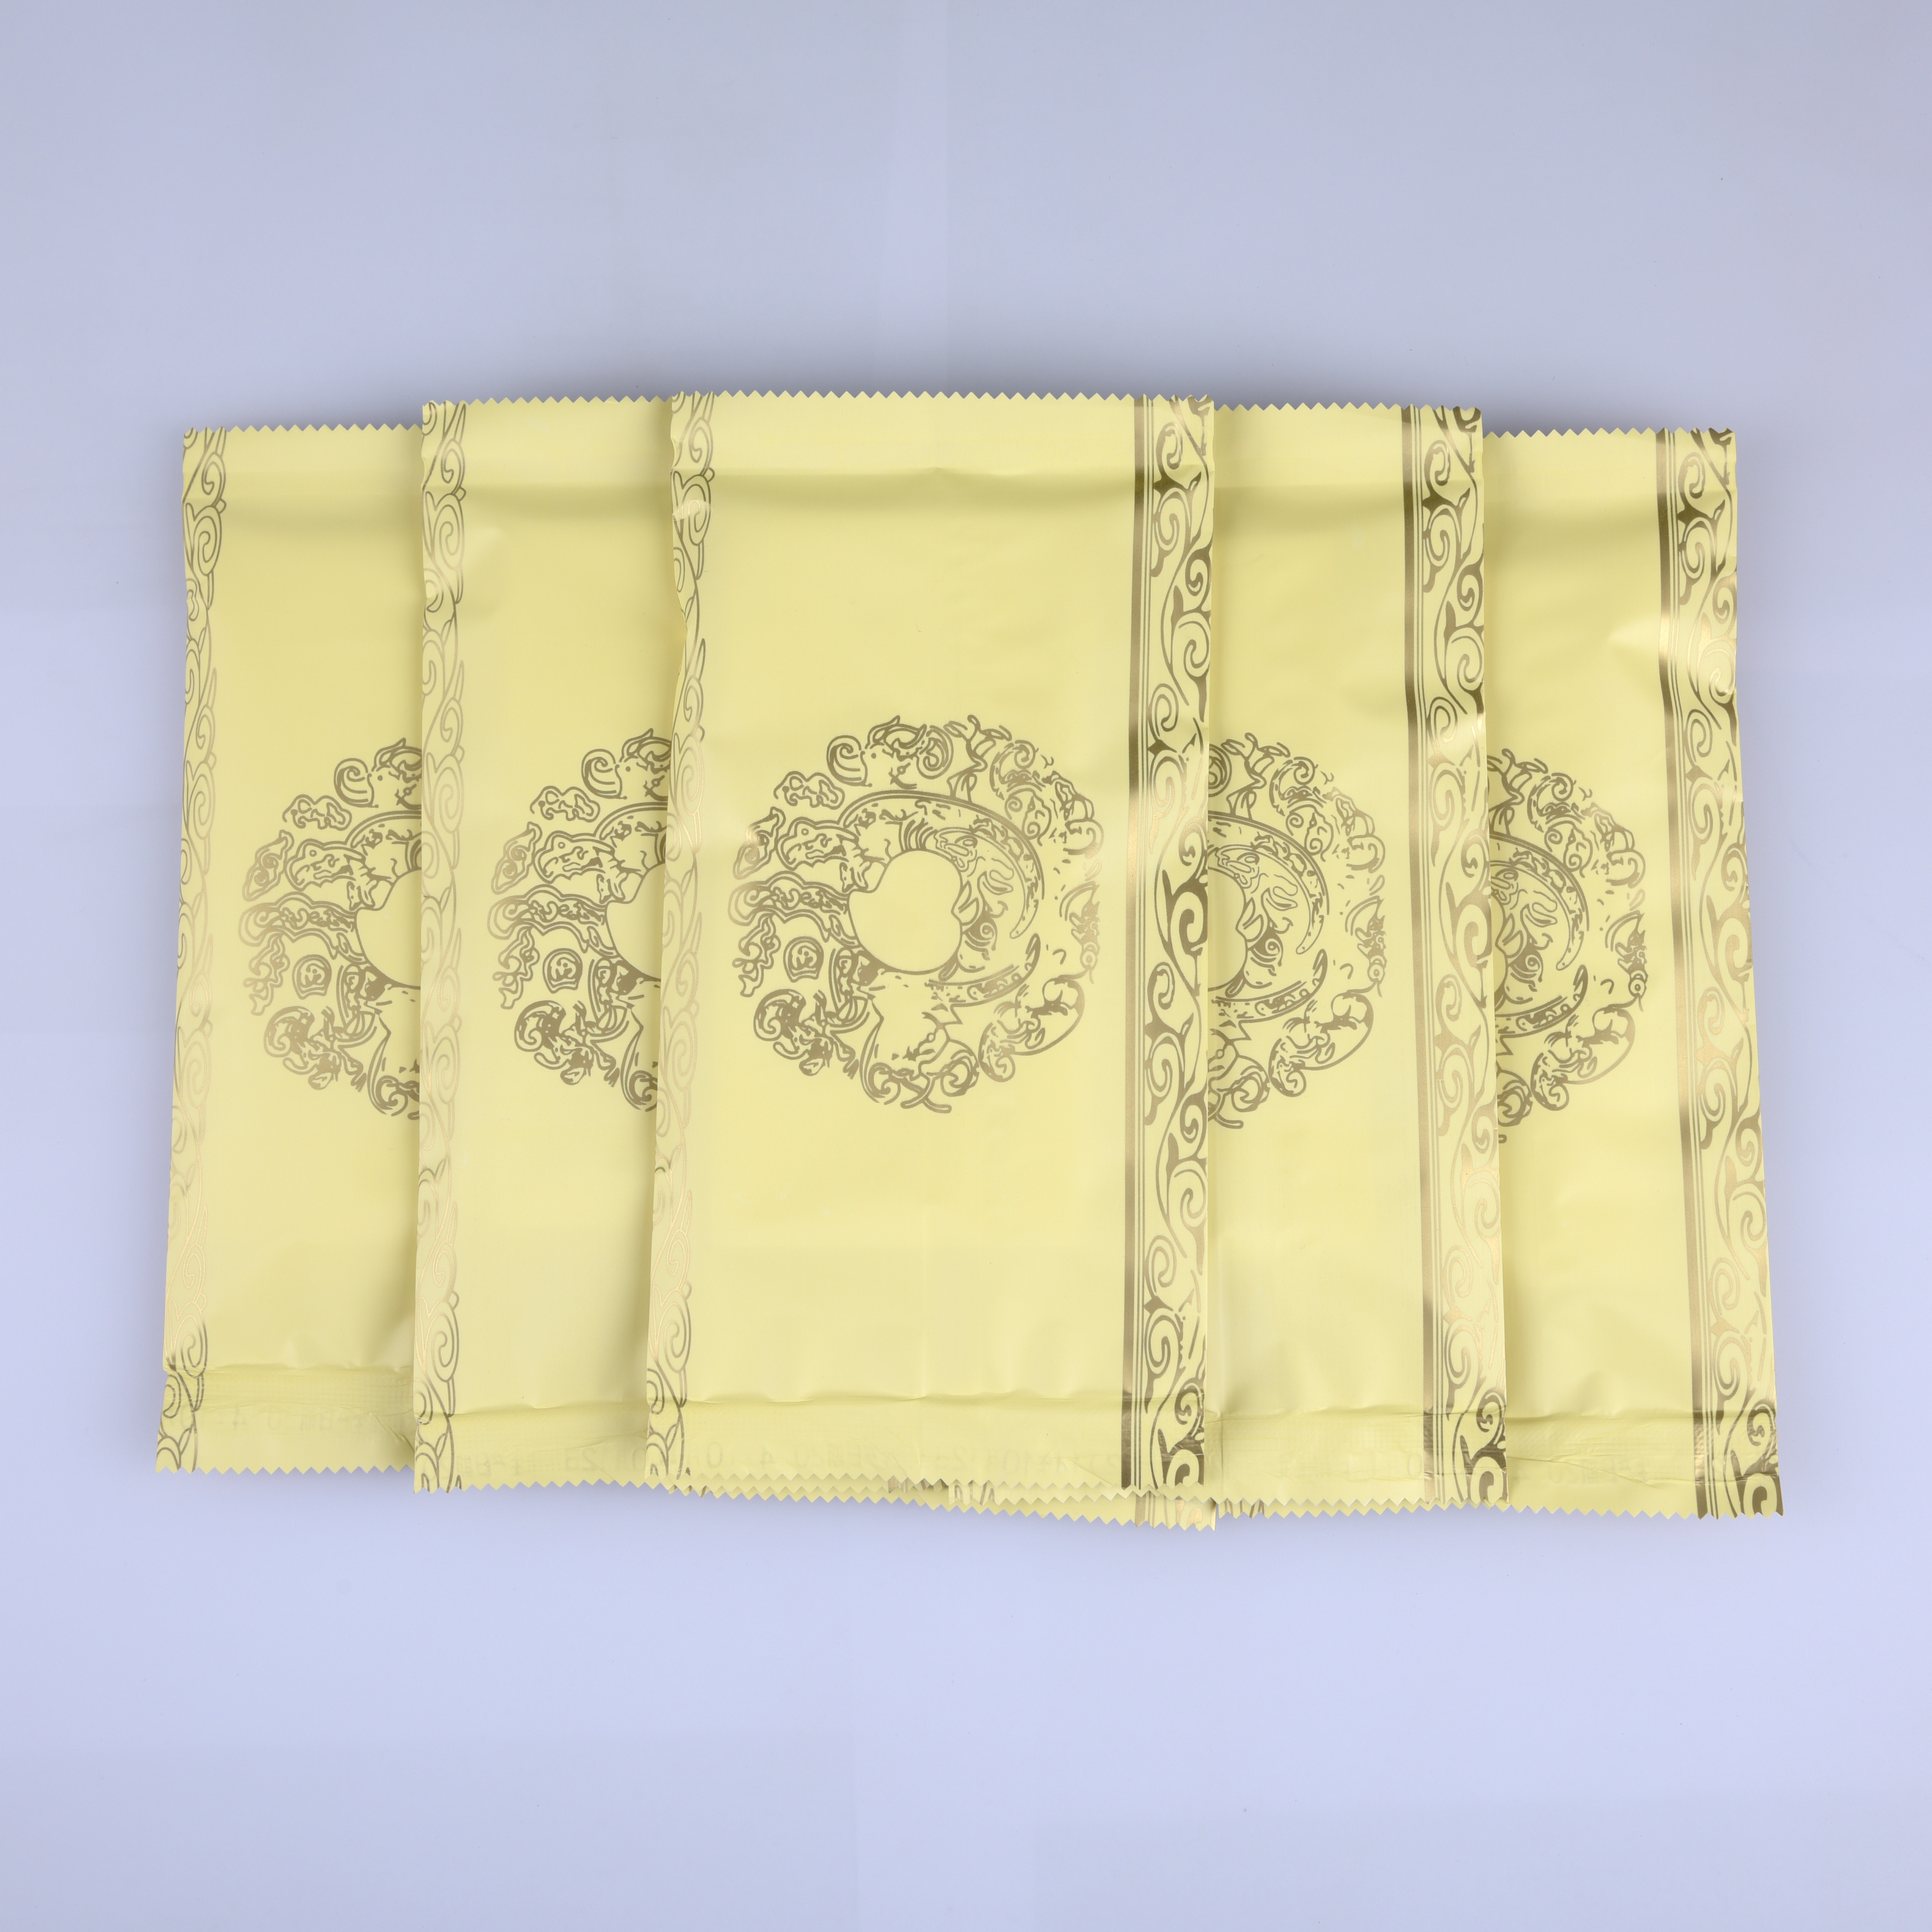 湿毛巾酒店餐饮广告餐饮用定制订做印logo印字订定做一次性湿纸巾